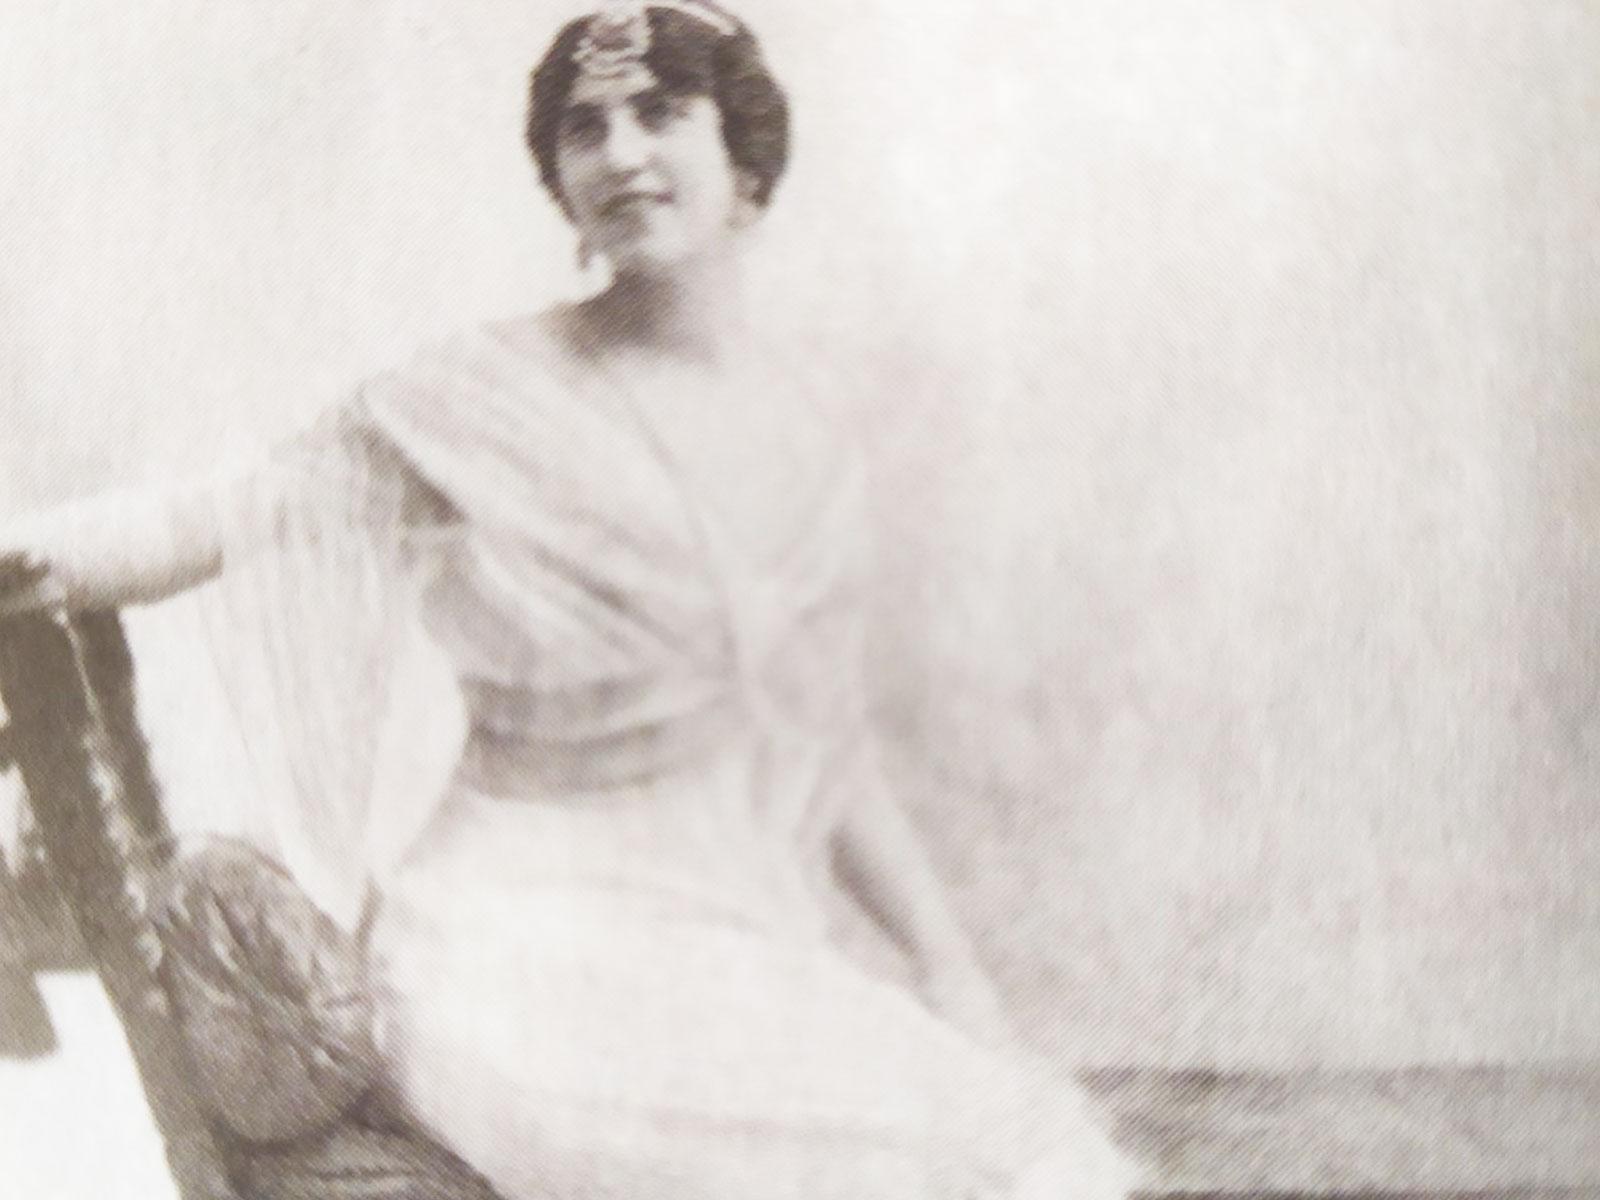 Ana María Delgado Briones